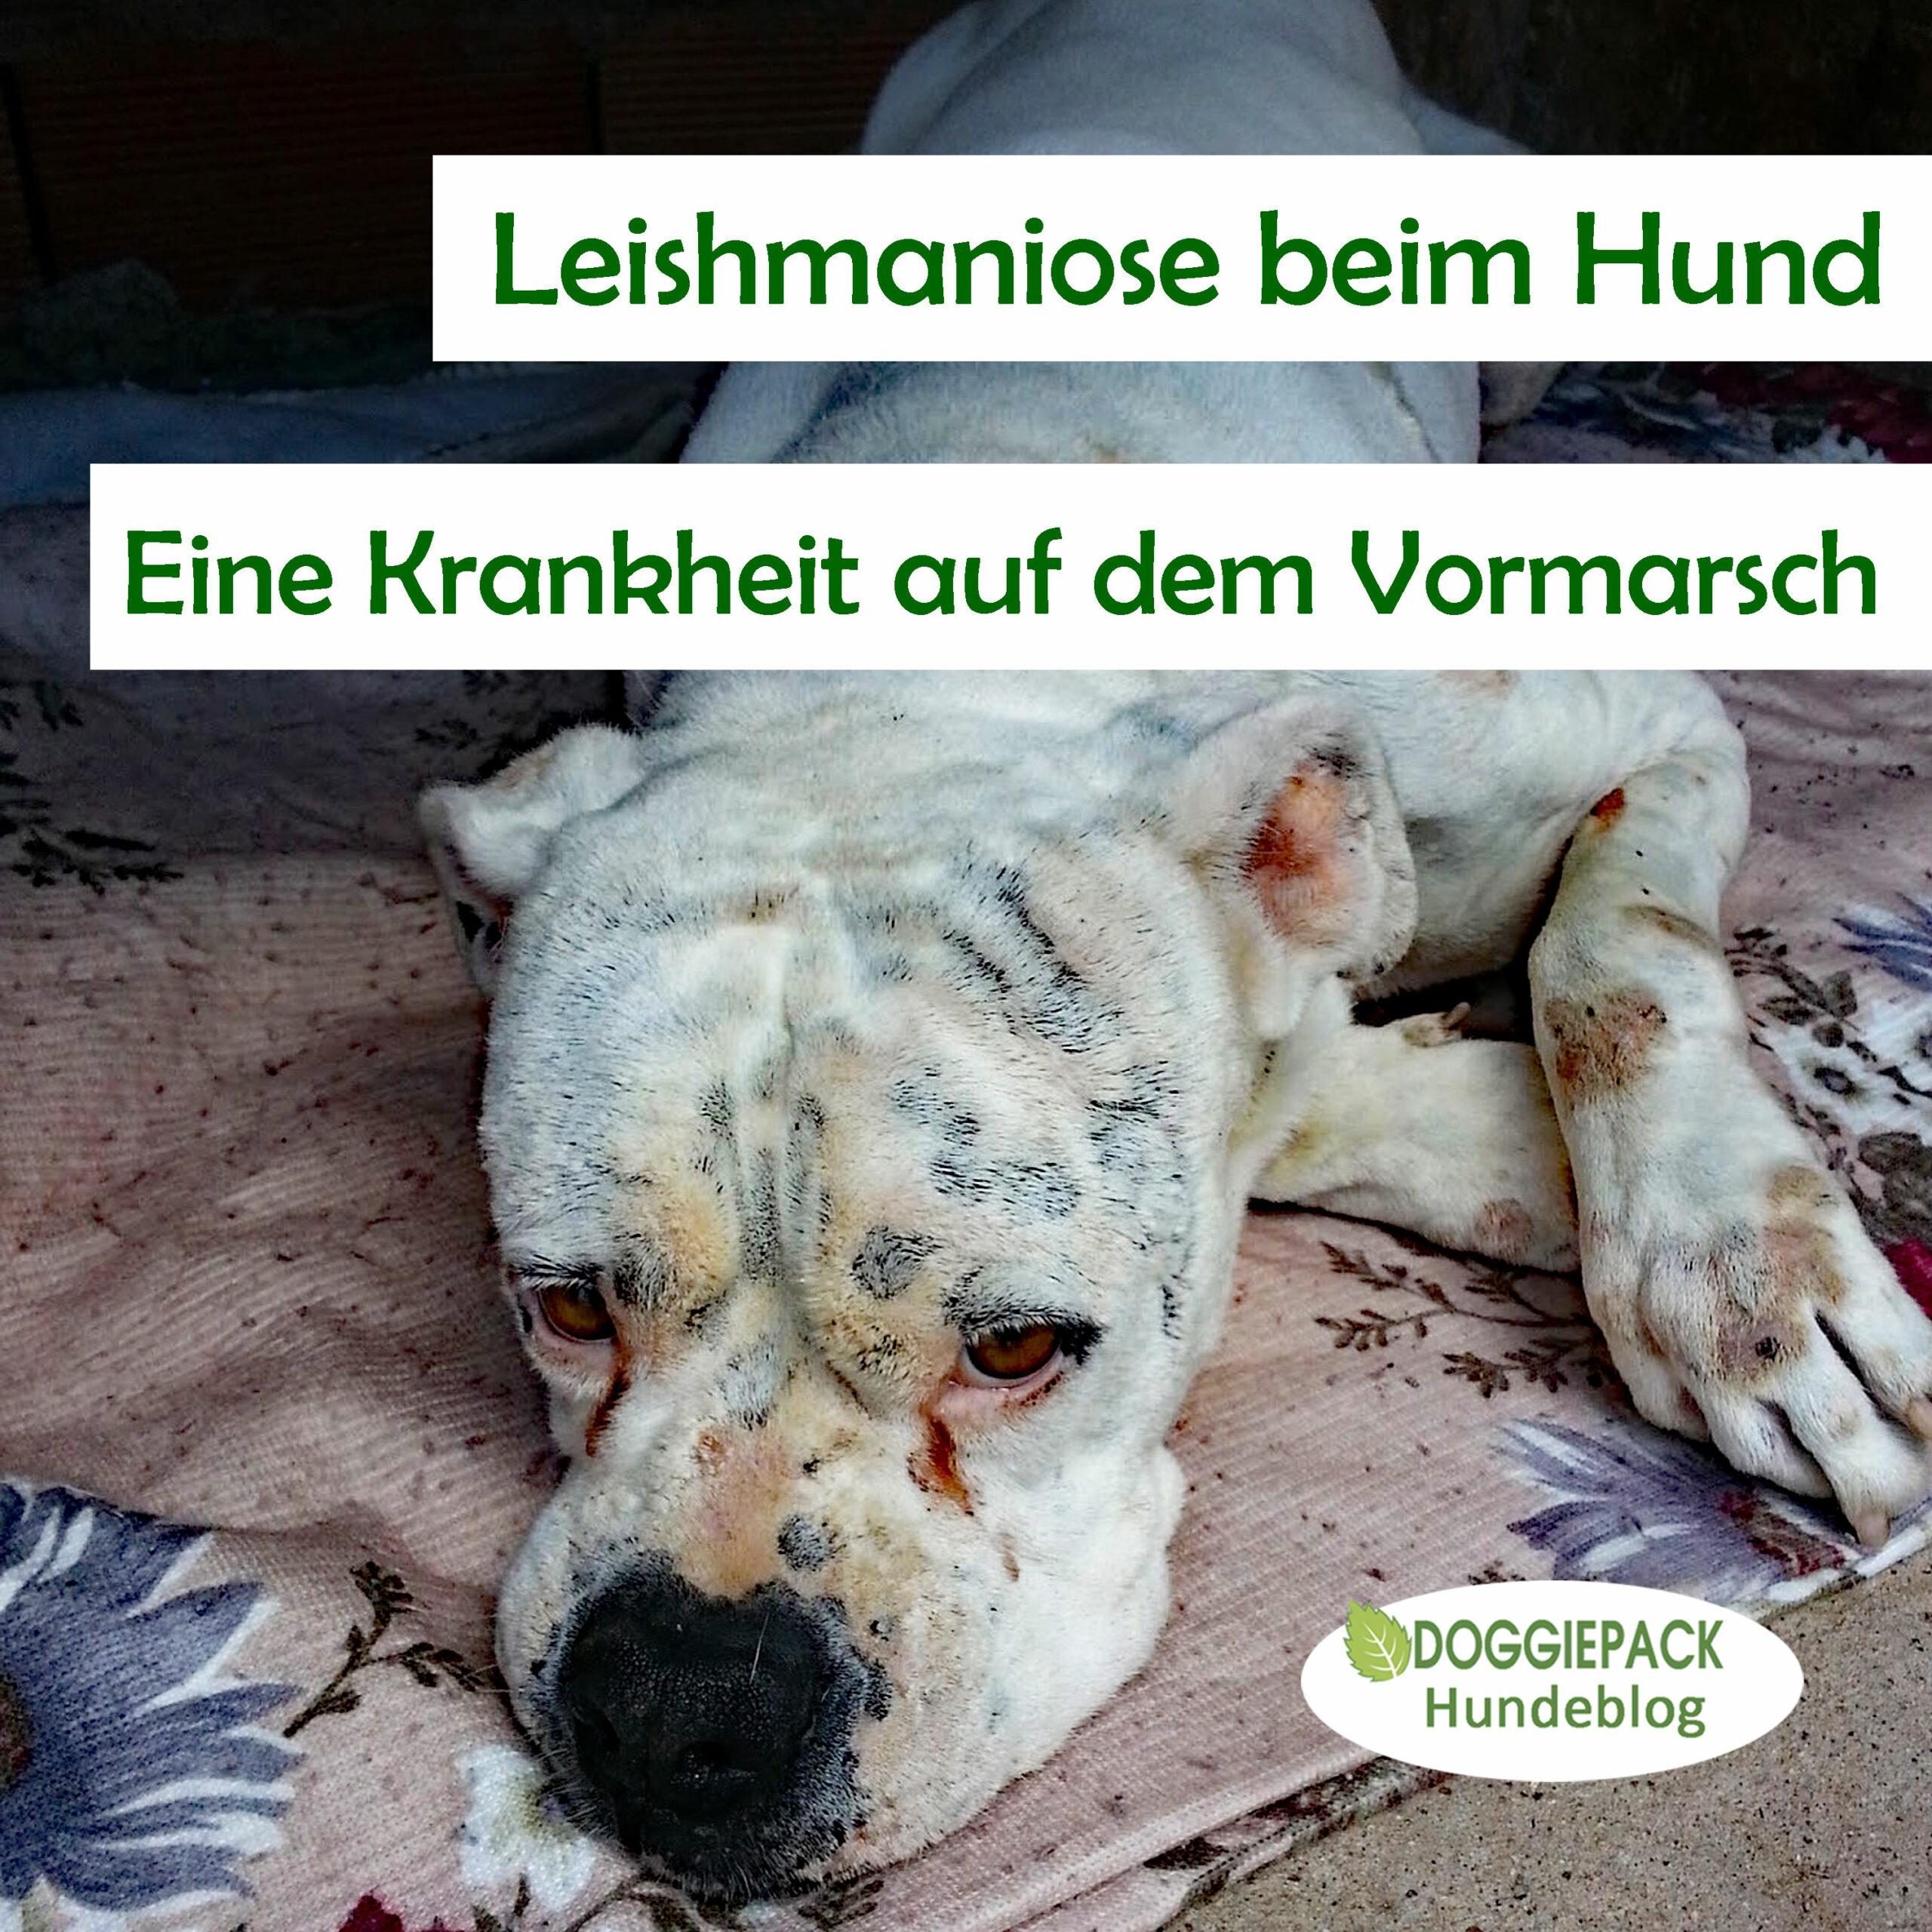 leishmaniose_krankheit_beim_hund_doggiepack_blog